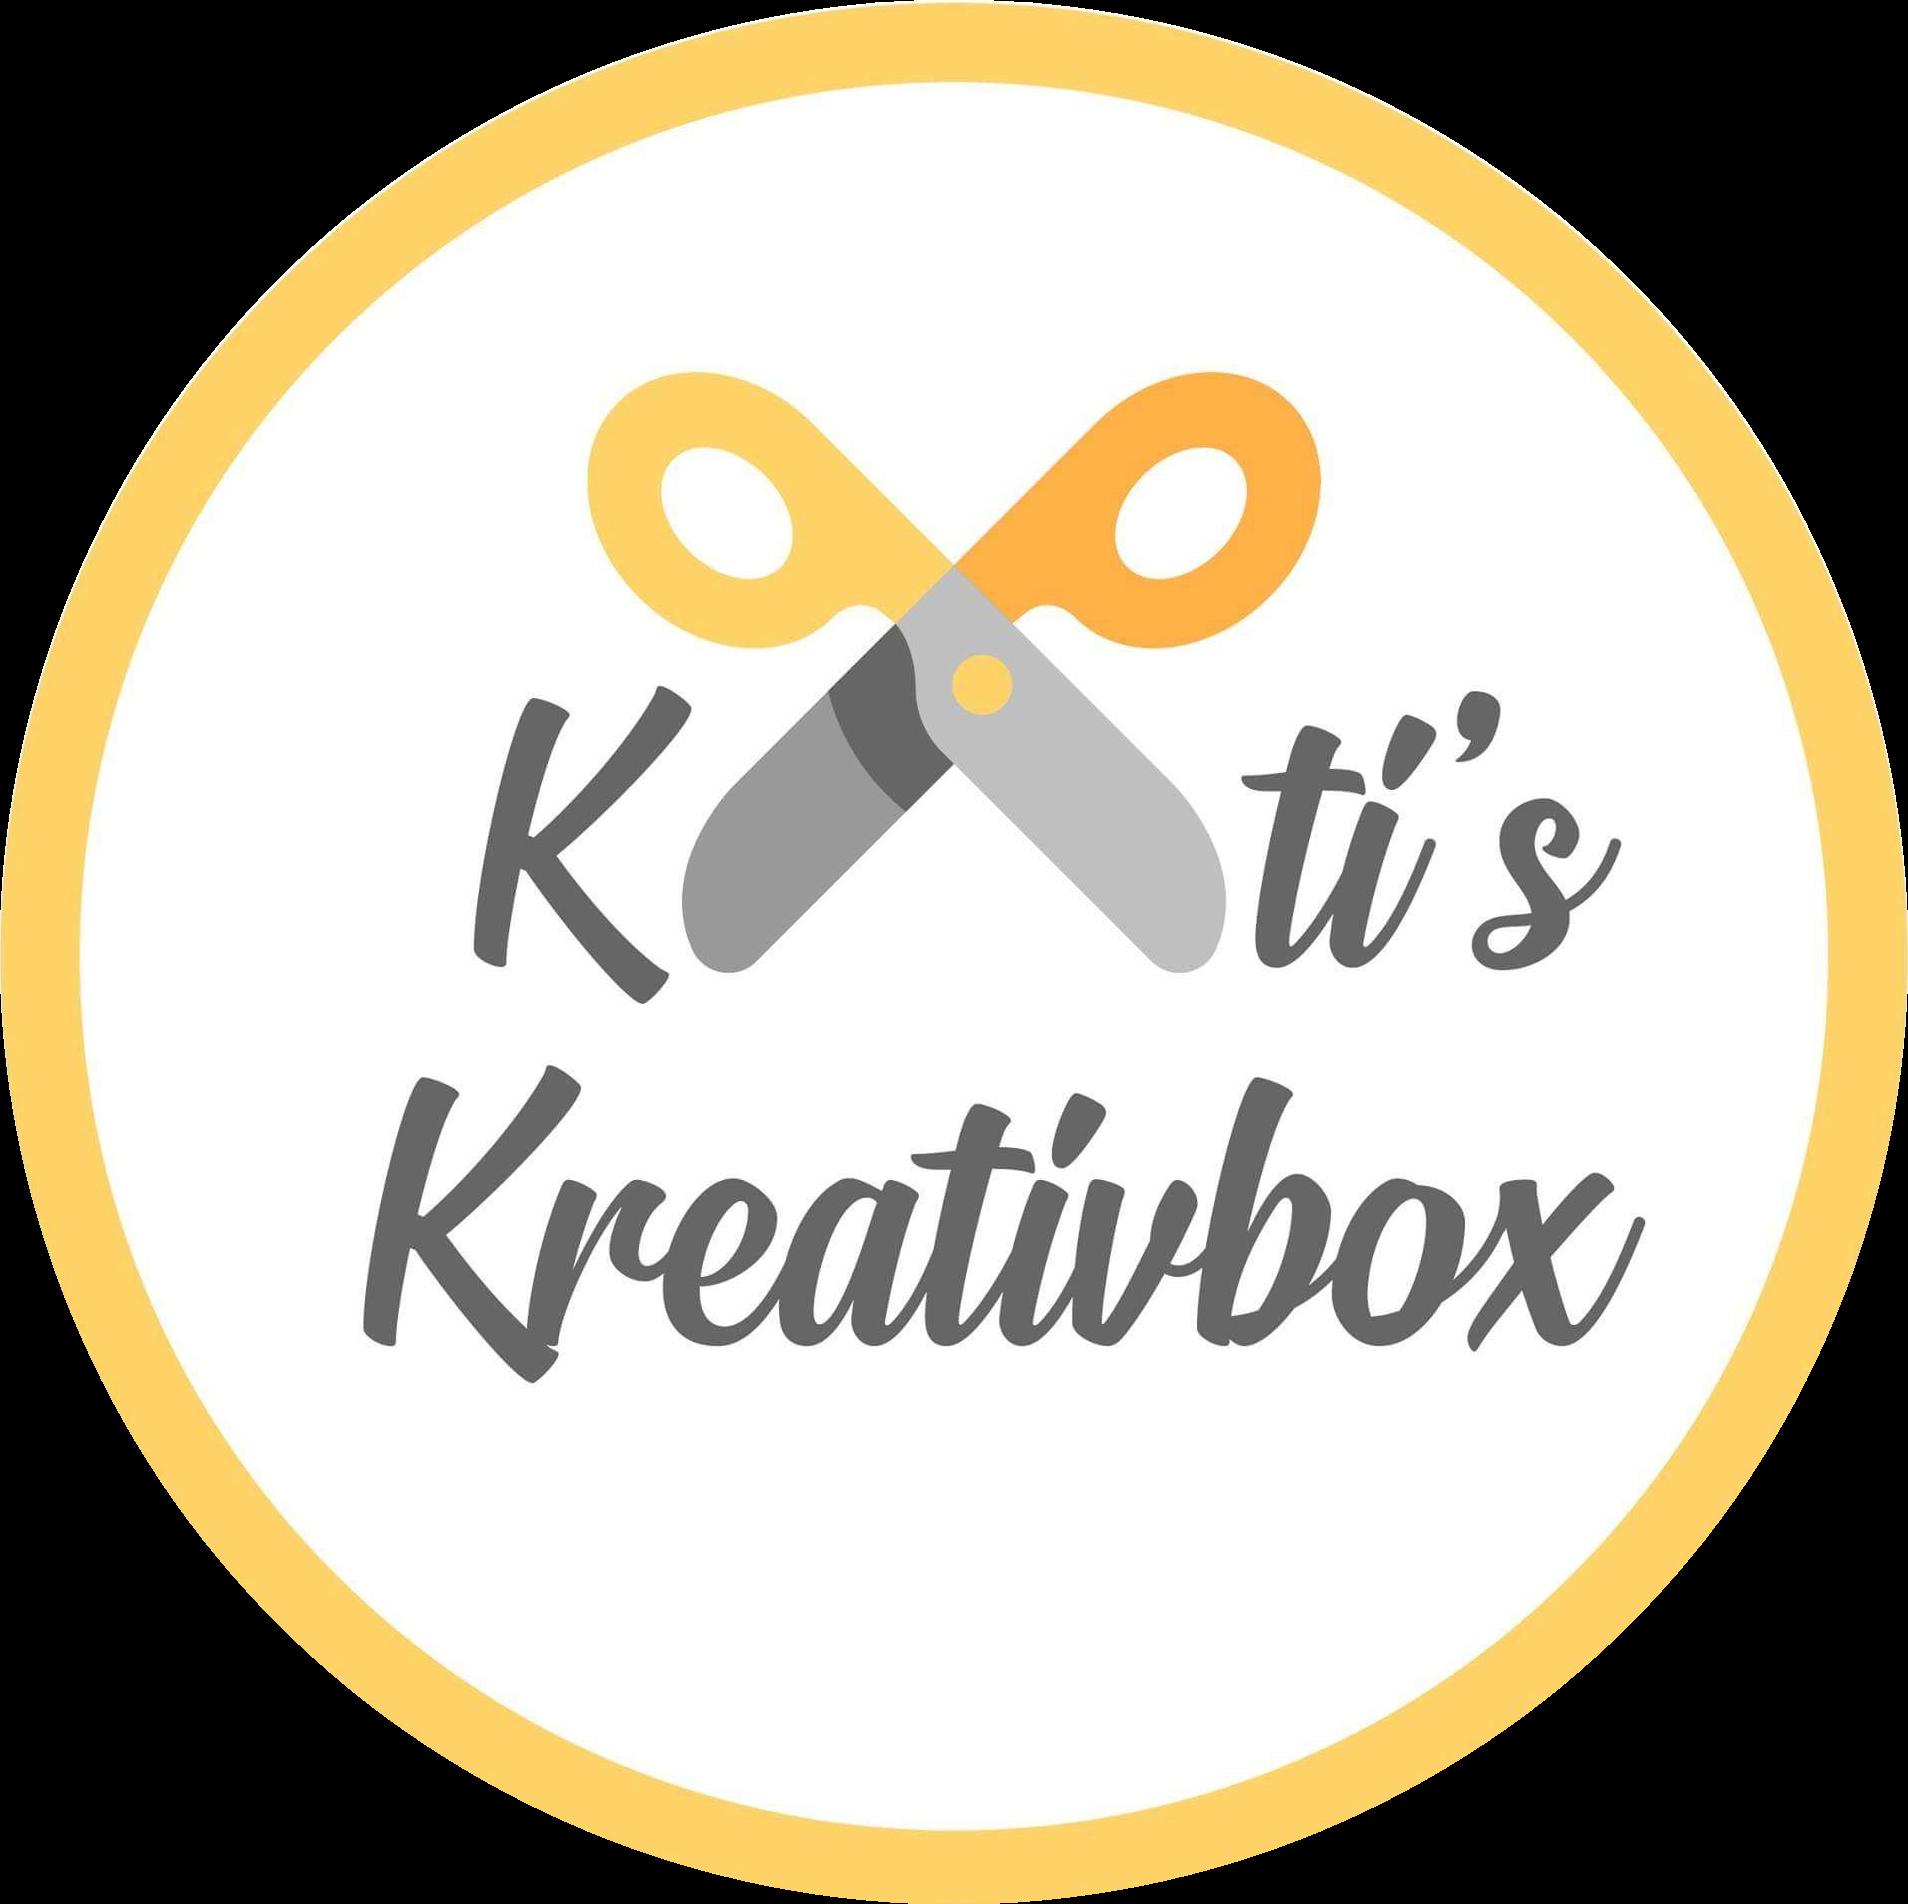 Katis Kreativbox